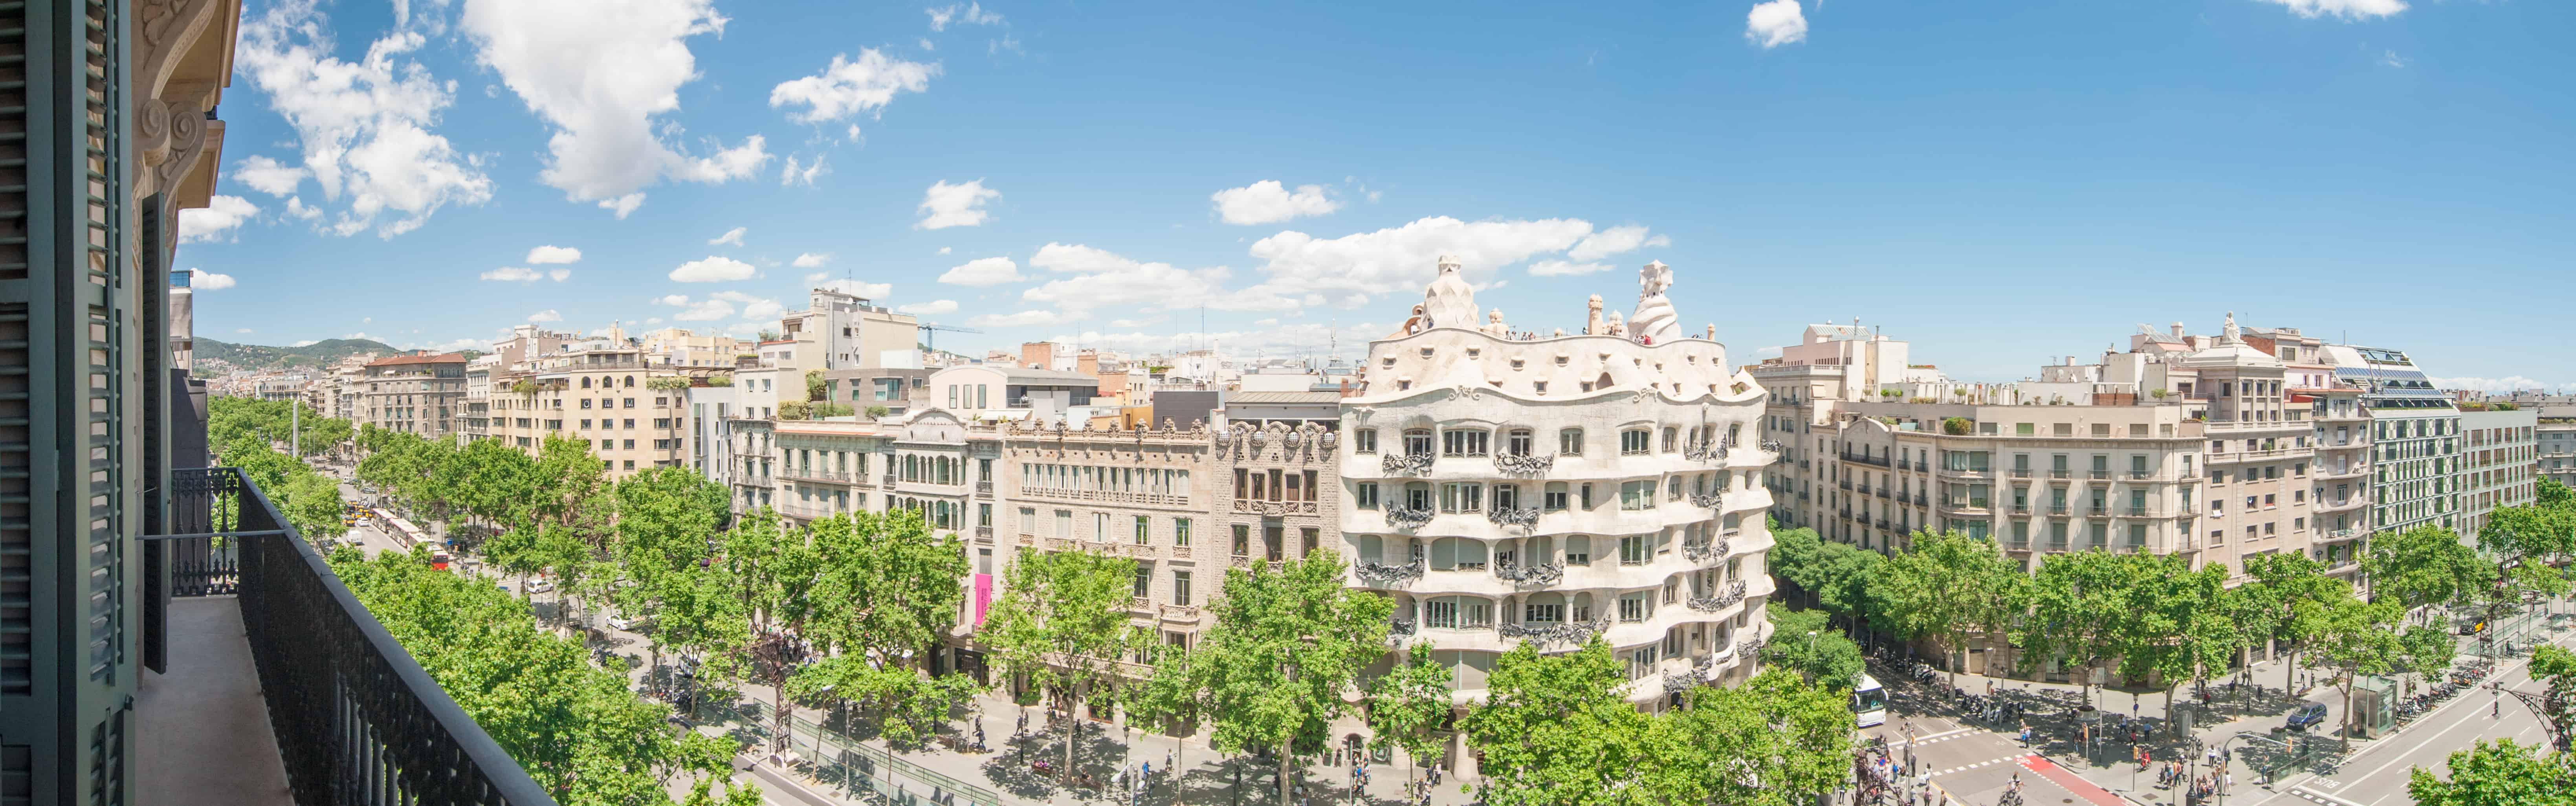 ¿Por qué vivir en el barrio más moderno de Barcelona? 2